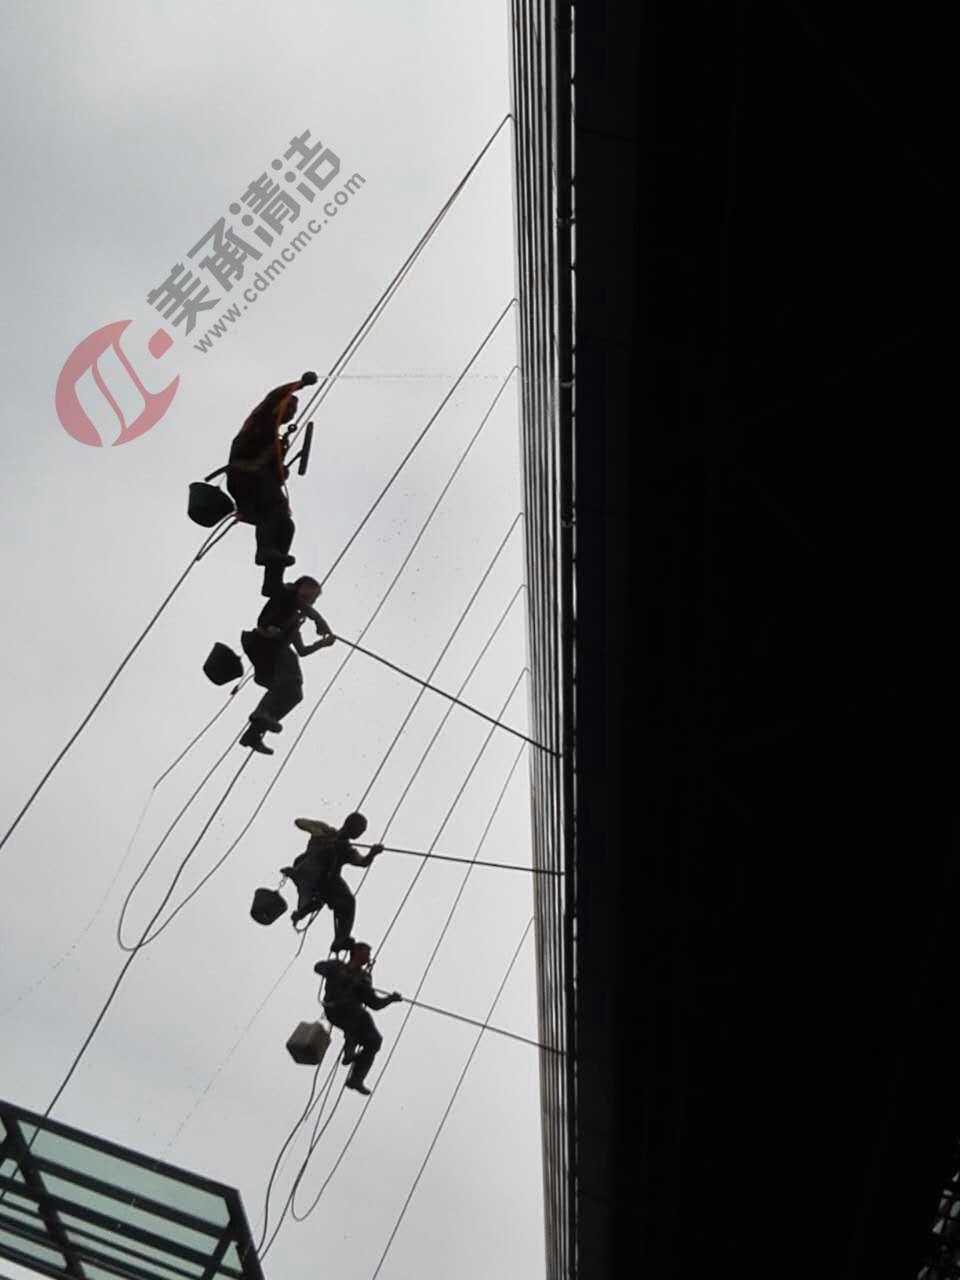 蜘蛛人外墙清洗公司,成都高楼外墙清洗,成都高空清洗公司